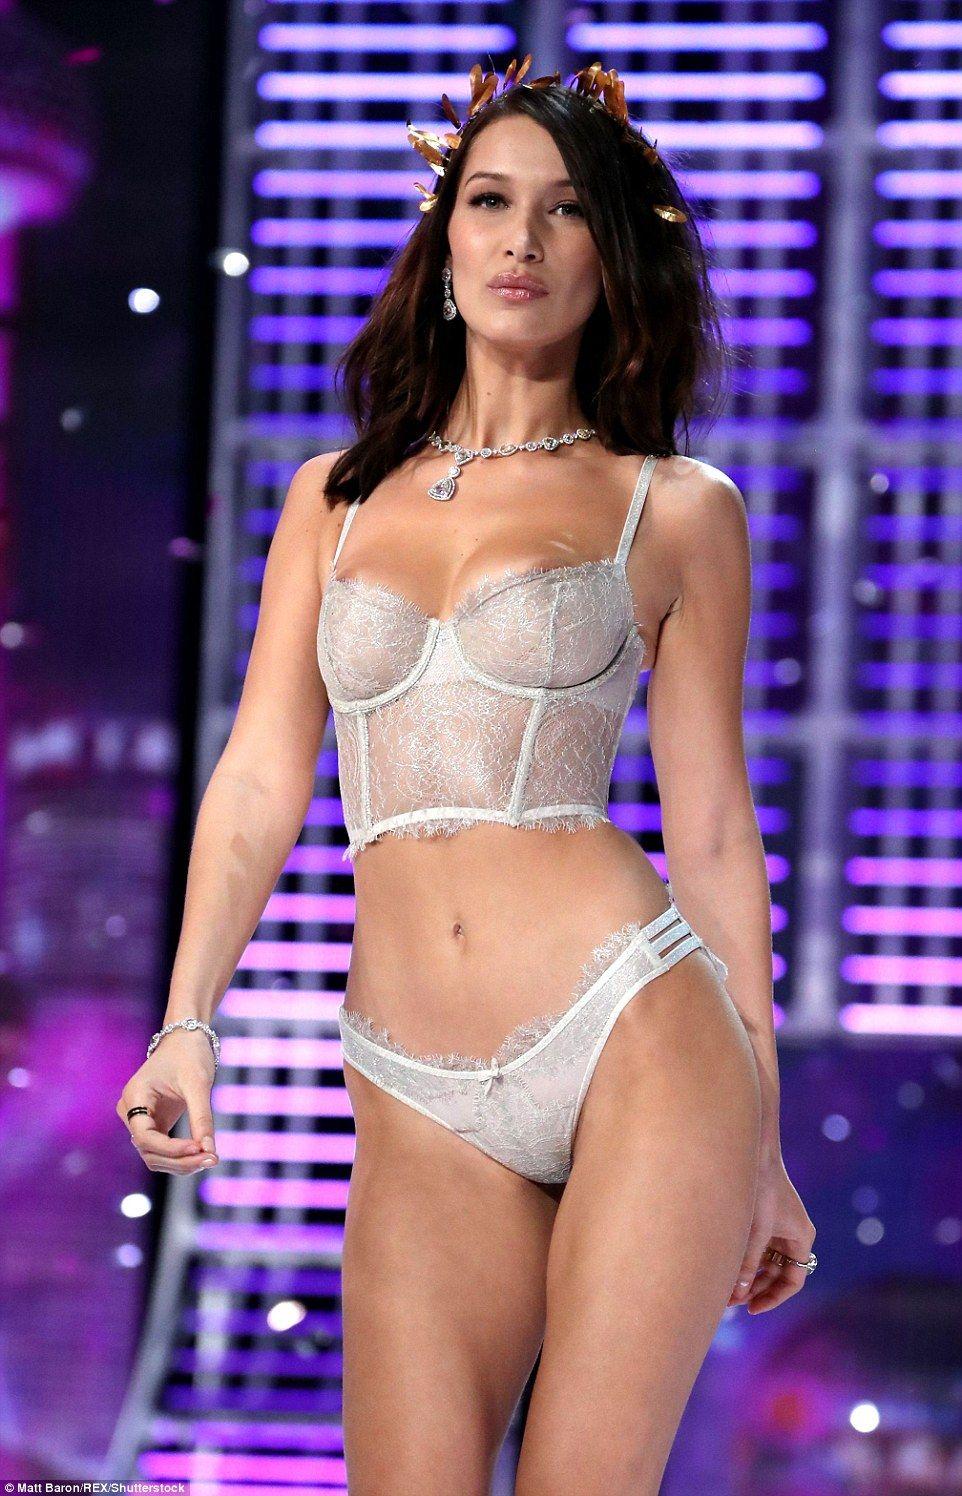 Victoria Secret Boob Show